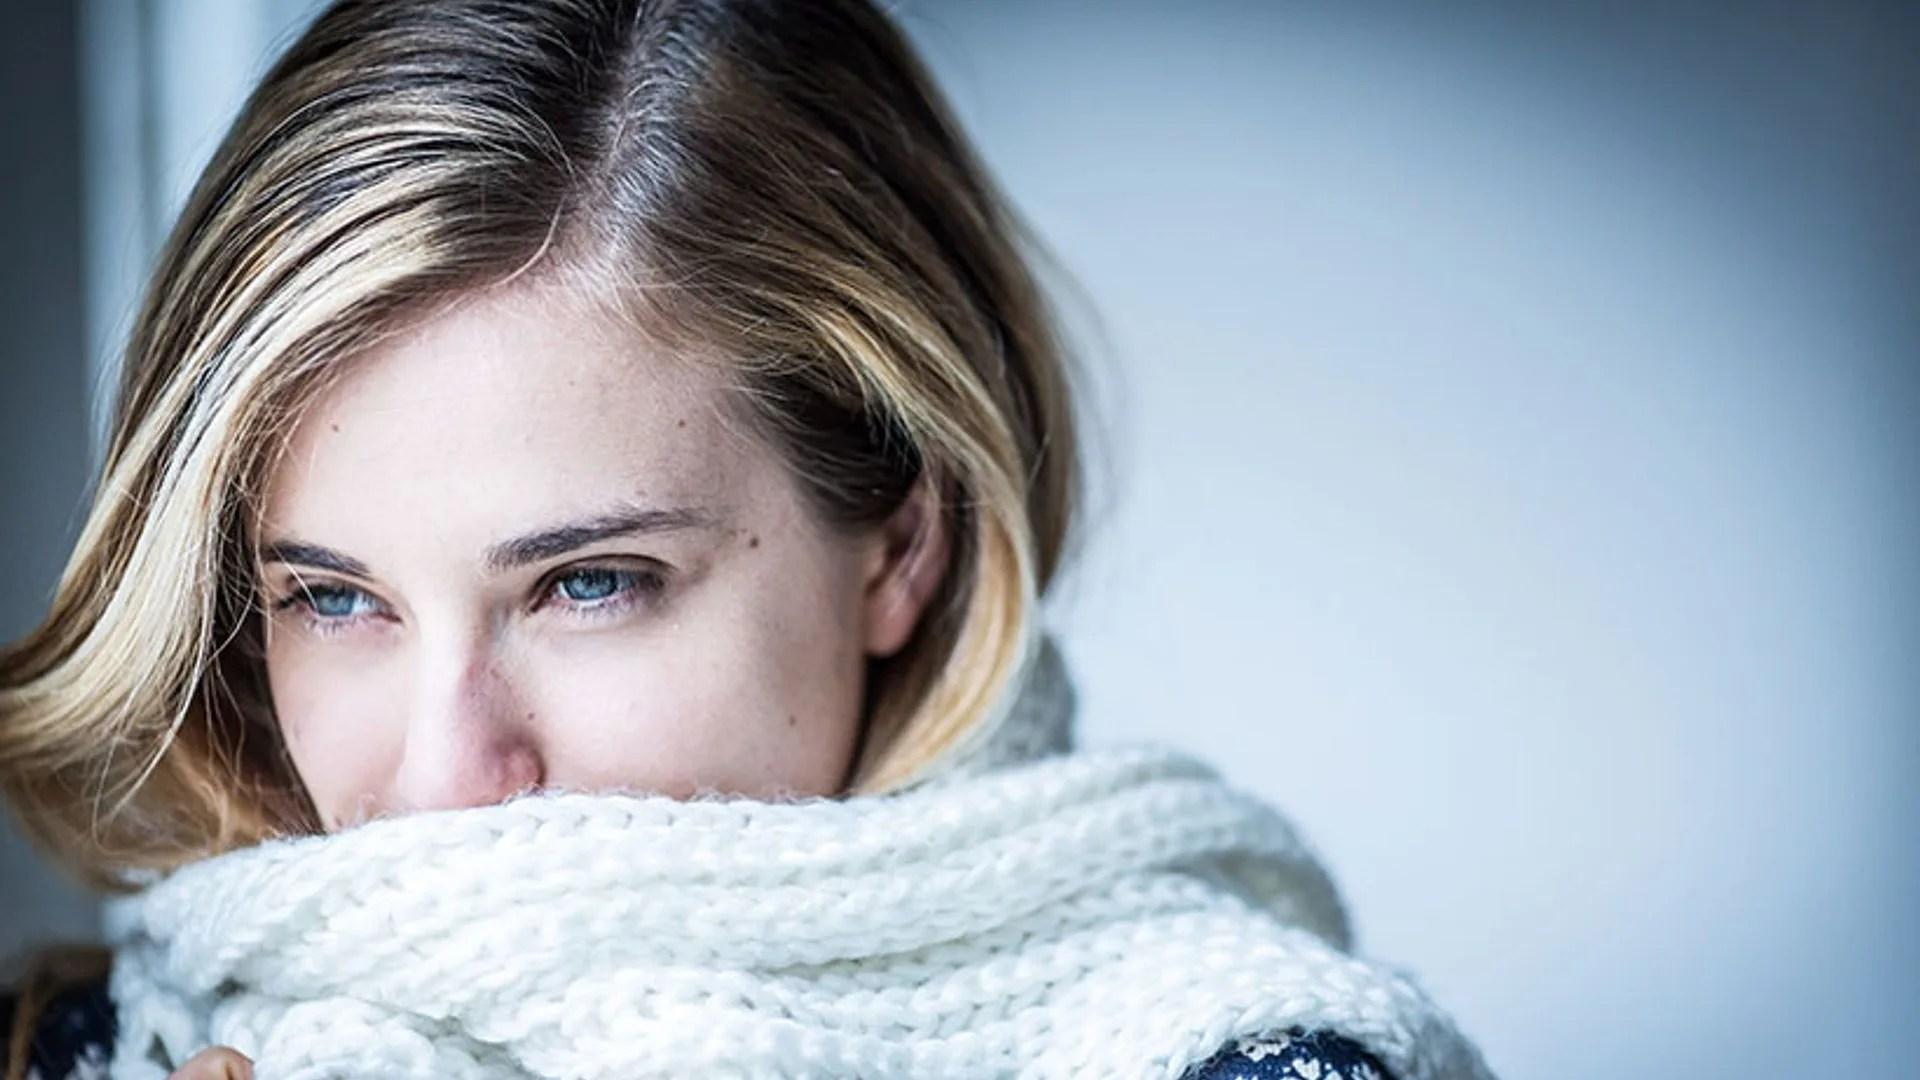 Feeling Sad Girl Wallpaper Top Tips For Avoiding Dry Skin This Winter